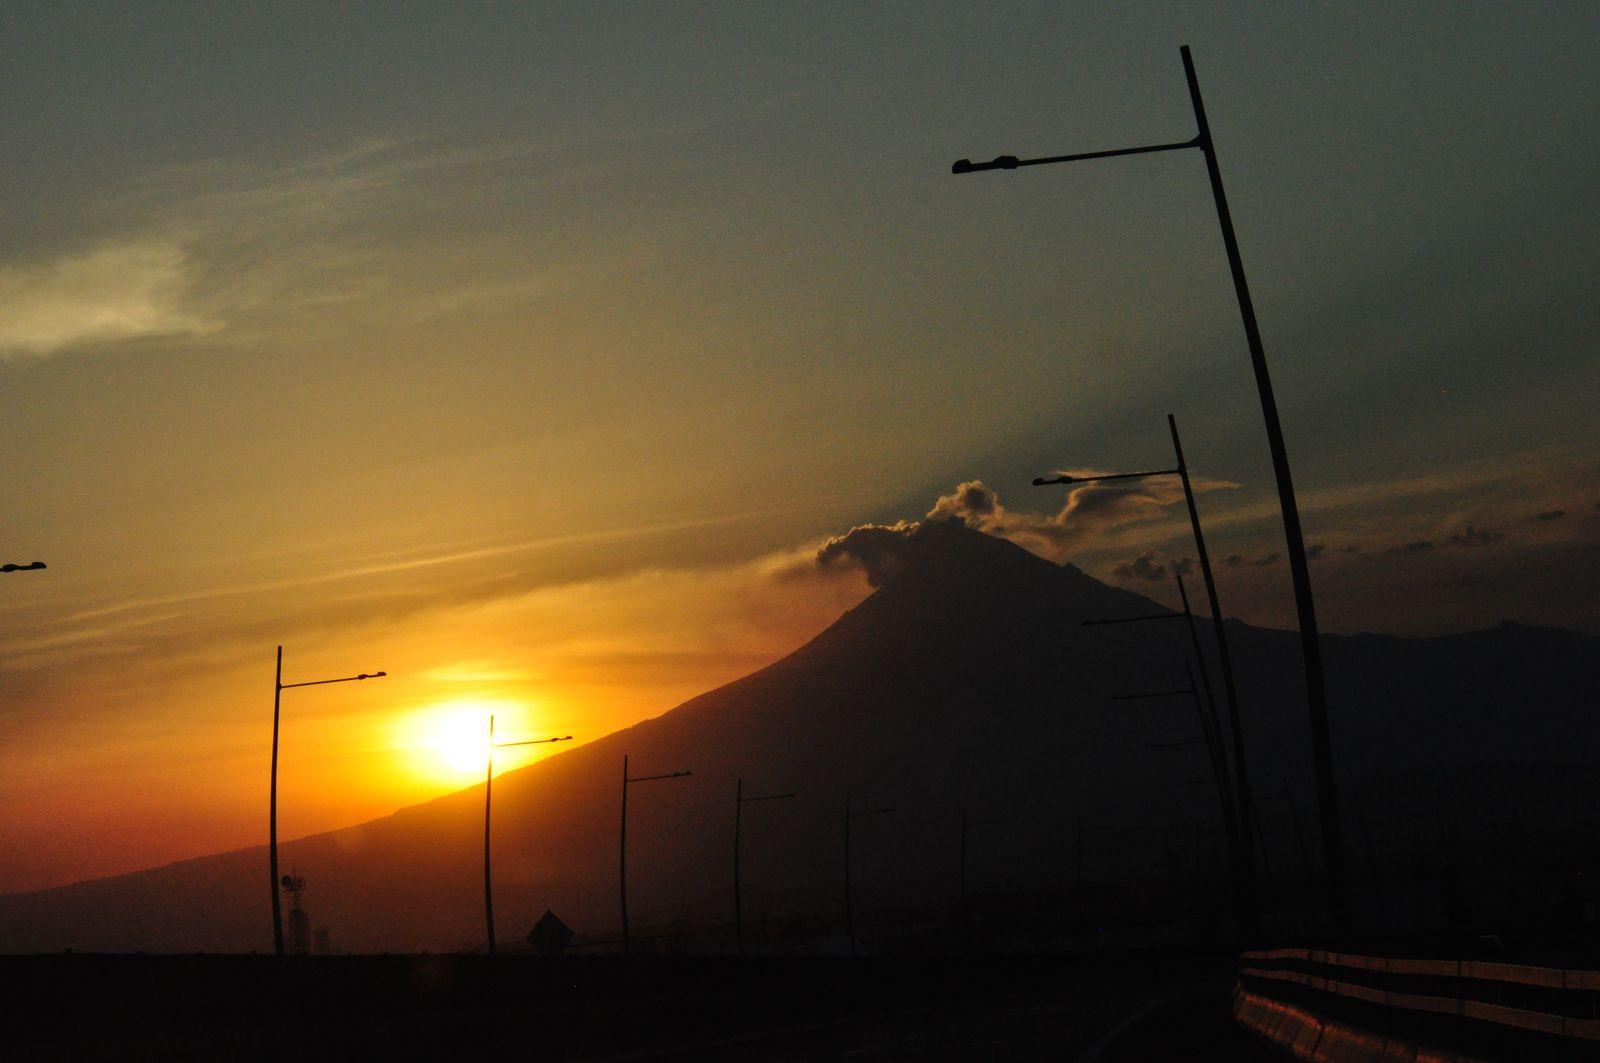 Nous sommes arrivés à Puebla au coucher du soleil. Sur la montagne, le ciel était magnifique